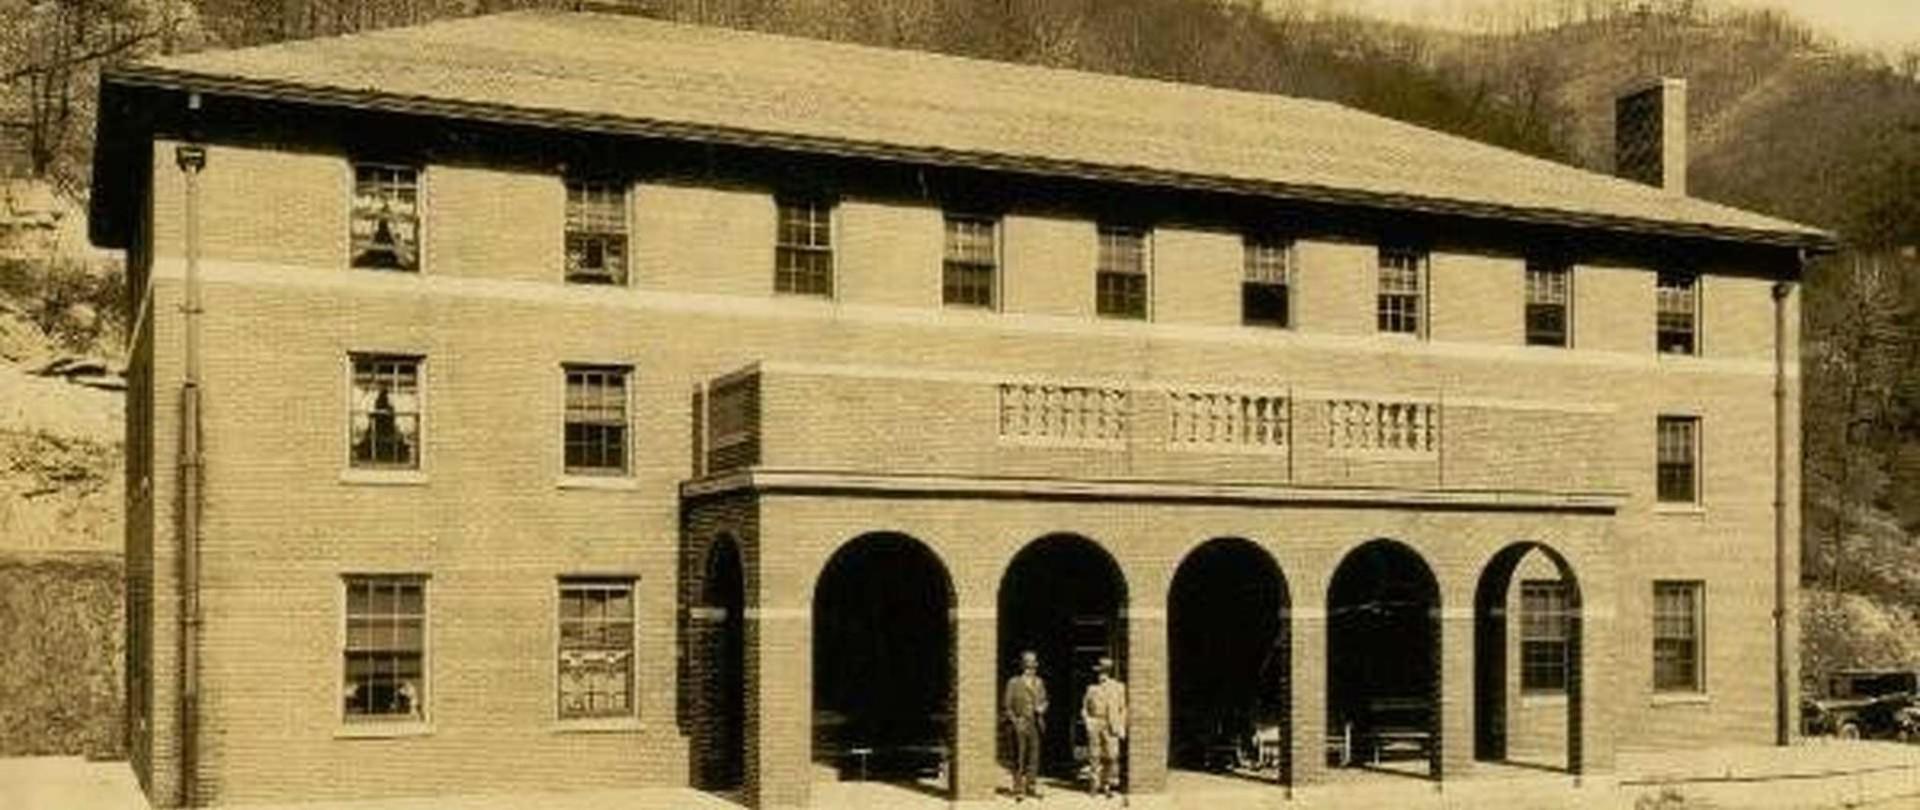 empire-coal-coke-miner-s-clubhouse-1929.jpg.1920x810_0_139_32053.jpeg